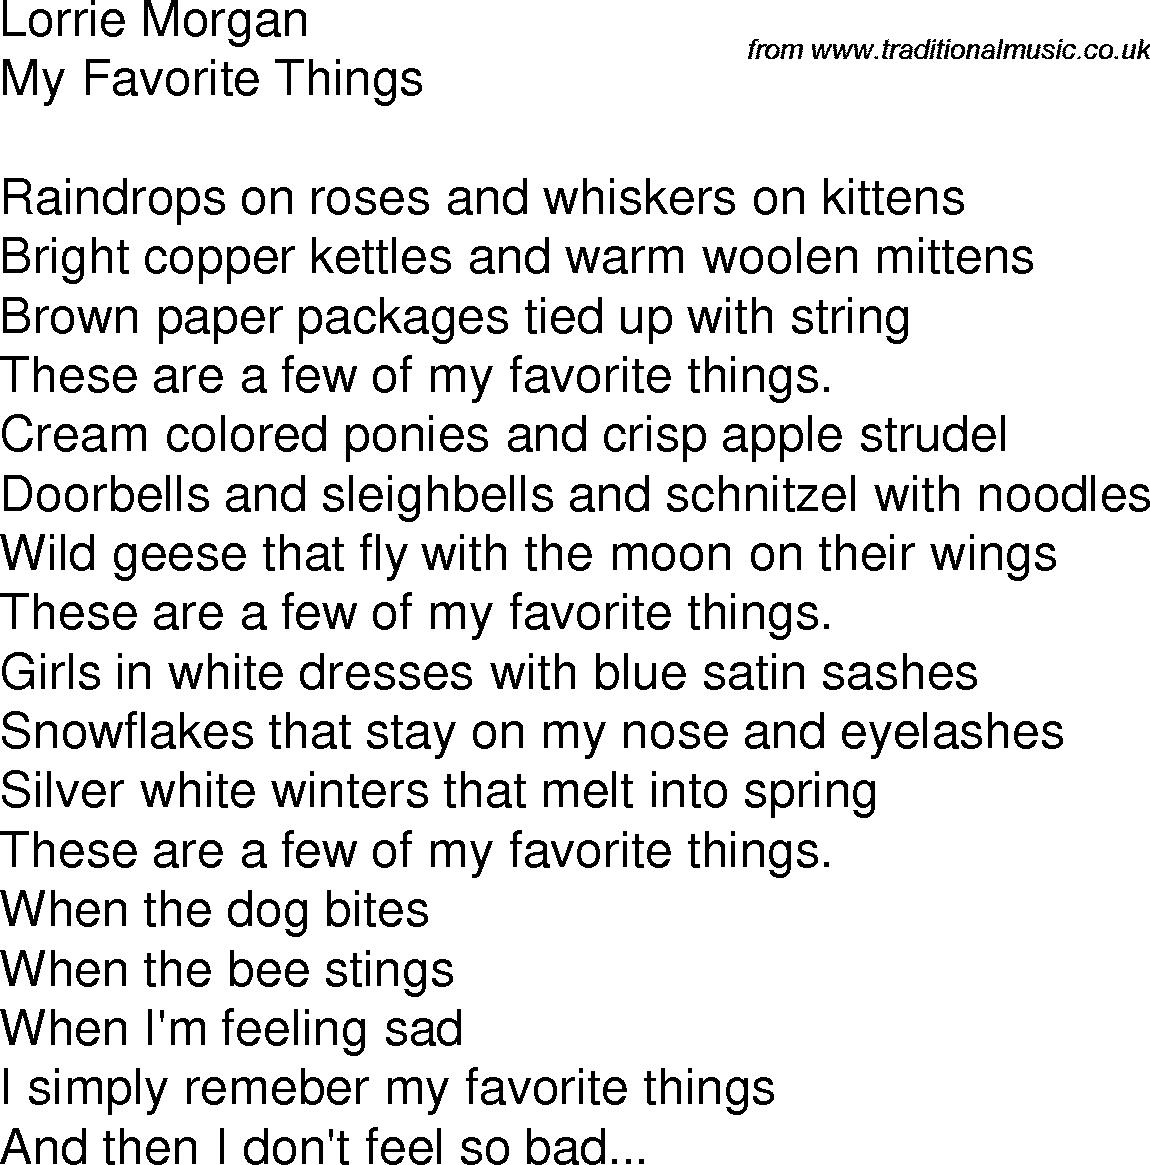 Folk Lyrics For My Favorite Things By Lorrie Morgan